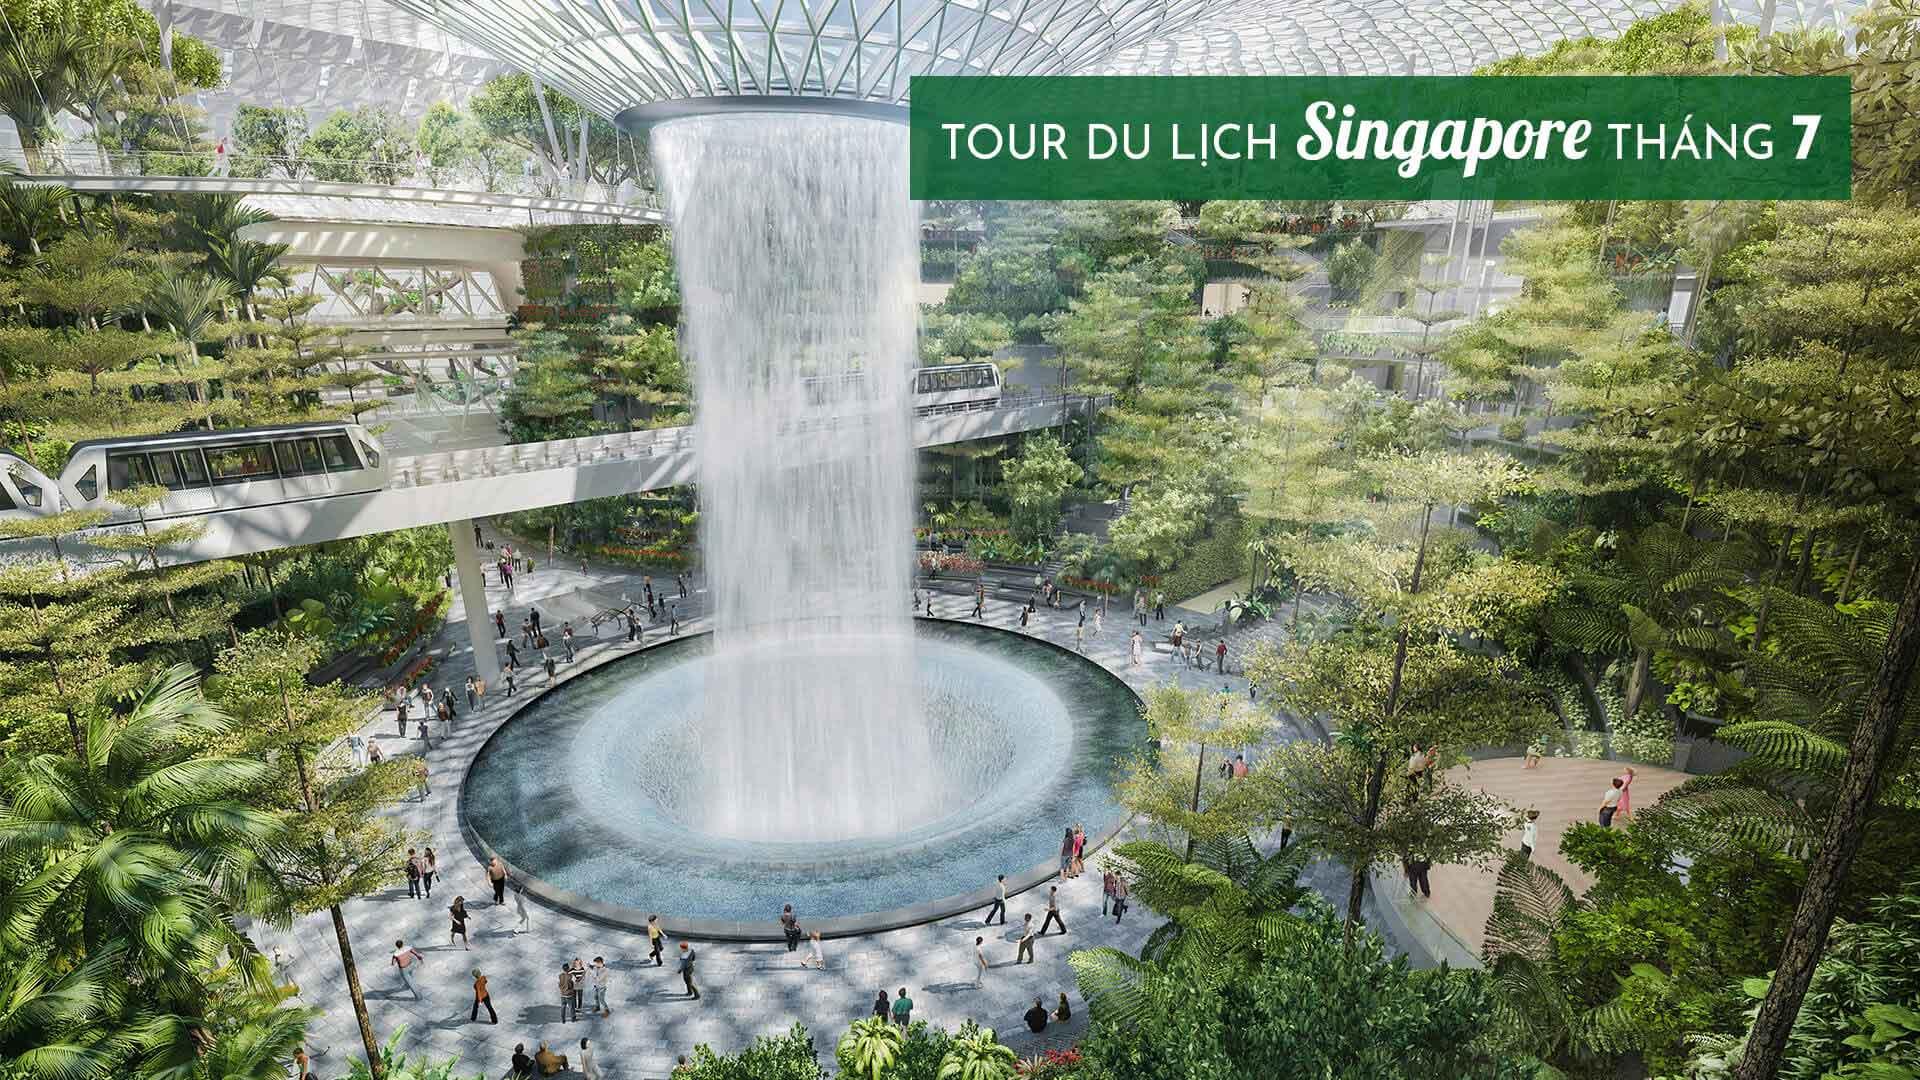 Lịch trình Tour du lịch singapore tháng 7 KHÔNG THỂ BỎ LỠ